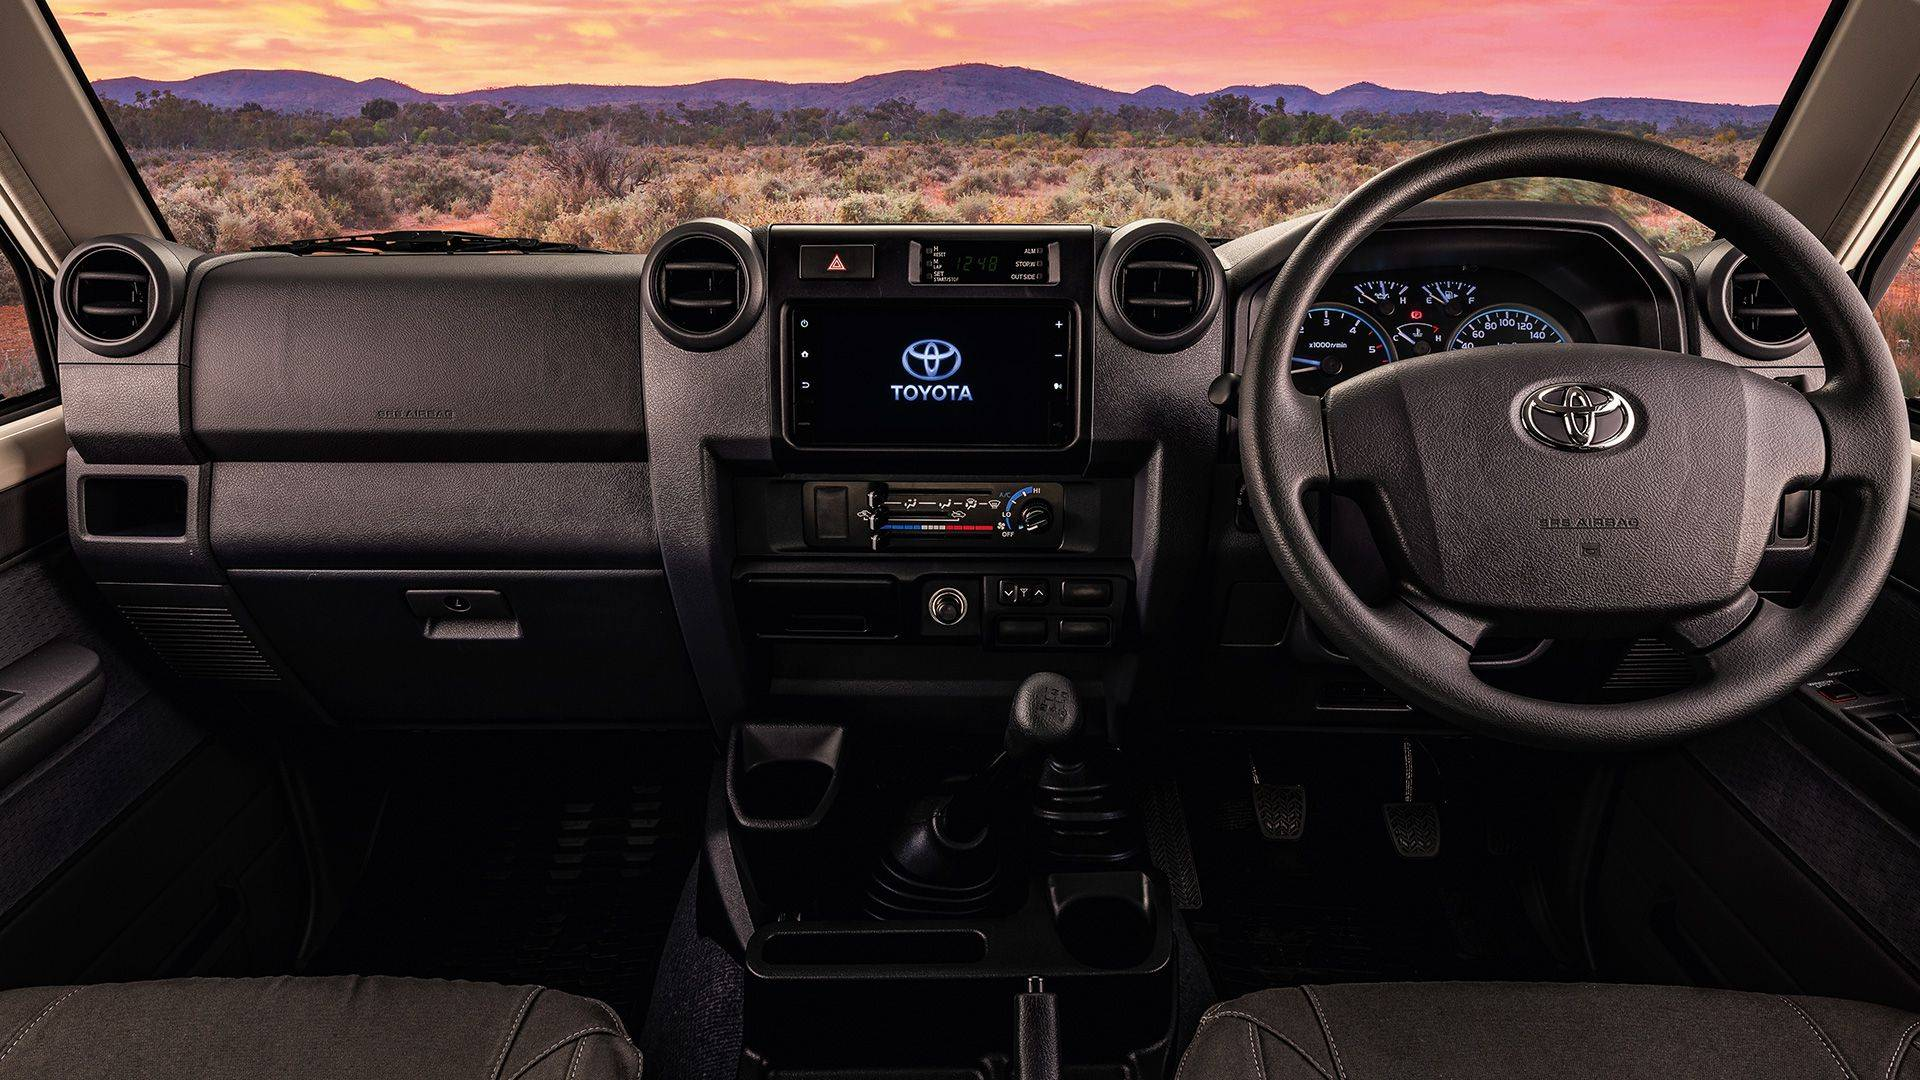 Toyota-Land-Cruiser-Namib-5